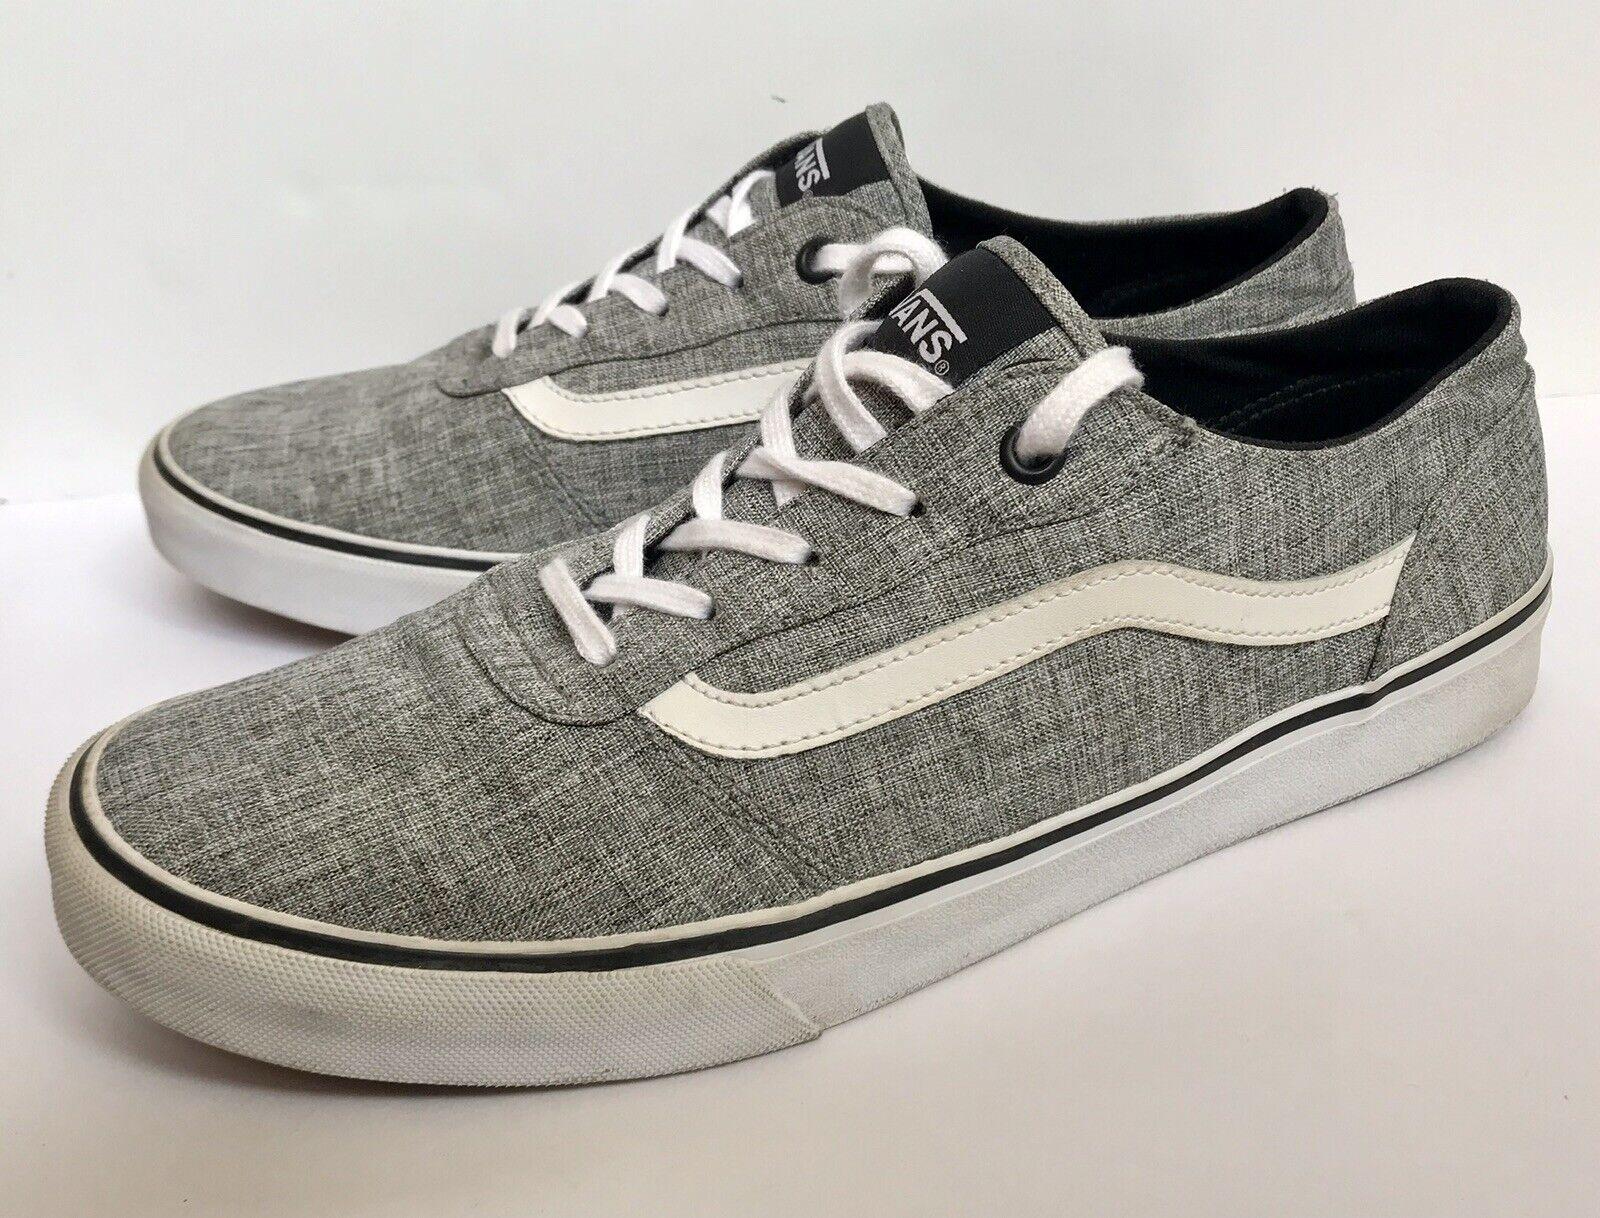 Vans Old Skool Skate Shoes - Classic